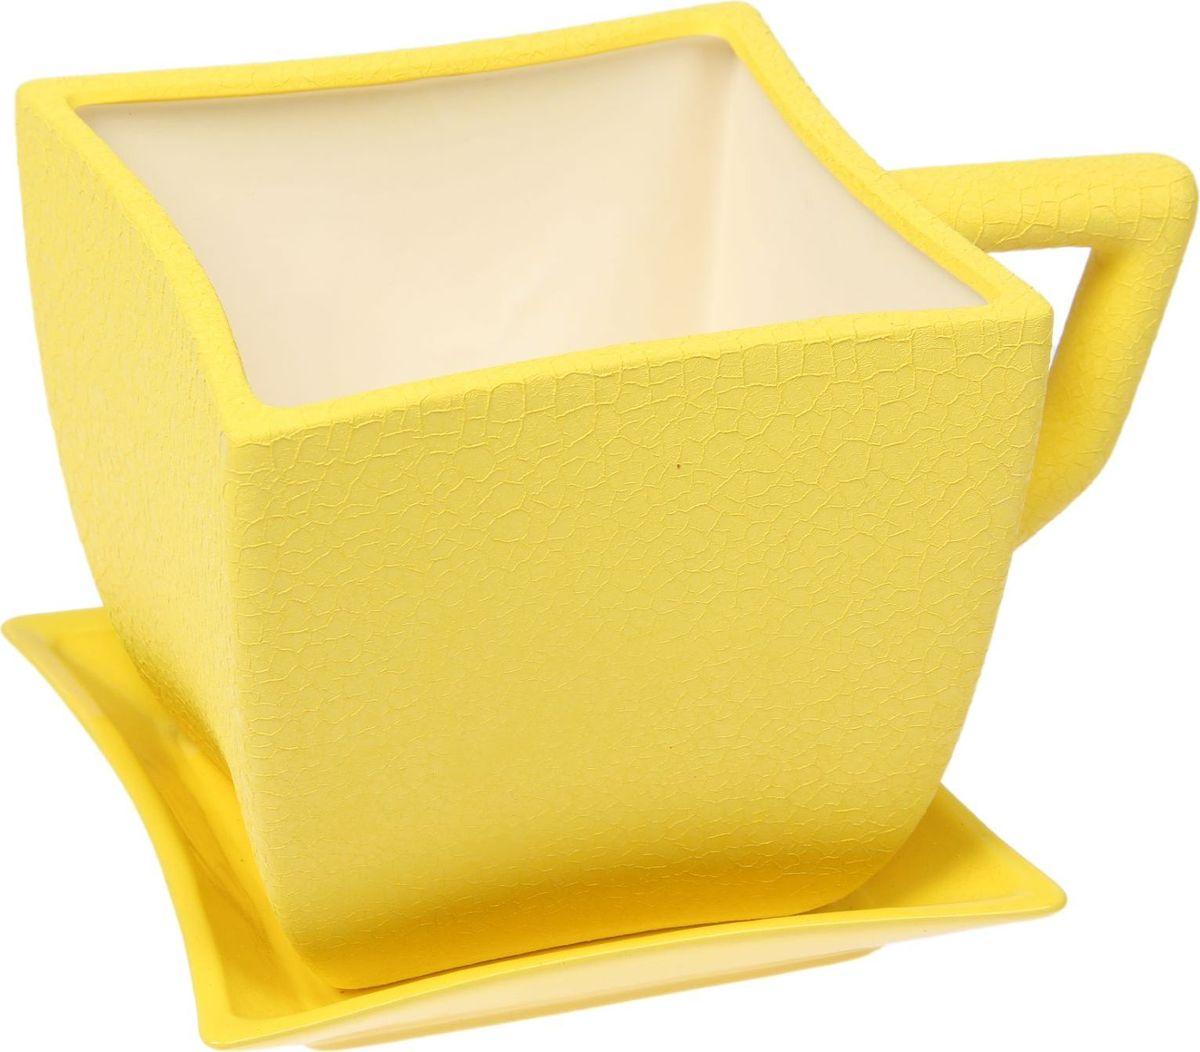 Кашпо Керамика ручной работы Чашка. Квадрат, цвет: желтый, 2,5 л1489643Комнатные растения — всеобщие любимцы. Они радуют глаз, насыщают помещение кислородом и украшают пространство. Каждому из них необходим свой удобный и красивый дом. Кашпо из керамики прекрасно подходят для высадки растений: за счет пластичности глины и разных способов обработки существует великое множество форм и дизайнов пористый материал позволяет испаряться лишней влаге воздух, необходимый для дыхания корней, проникает сквозь керамические стенки! позаботится о зеленом питомце, освежит интерьер и подчеркнет его стиль.